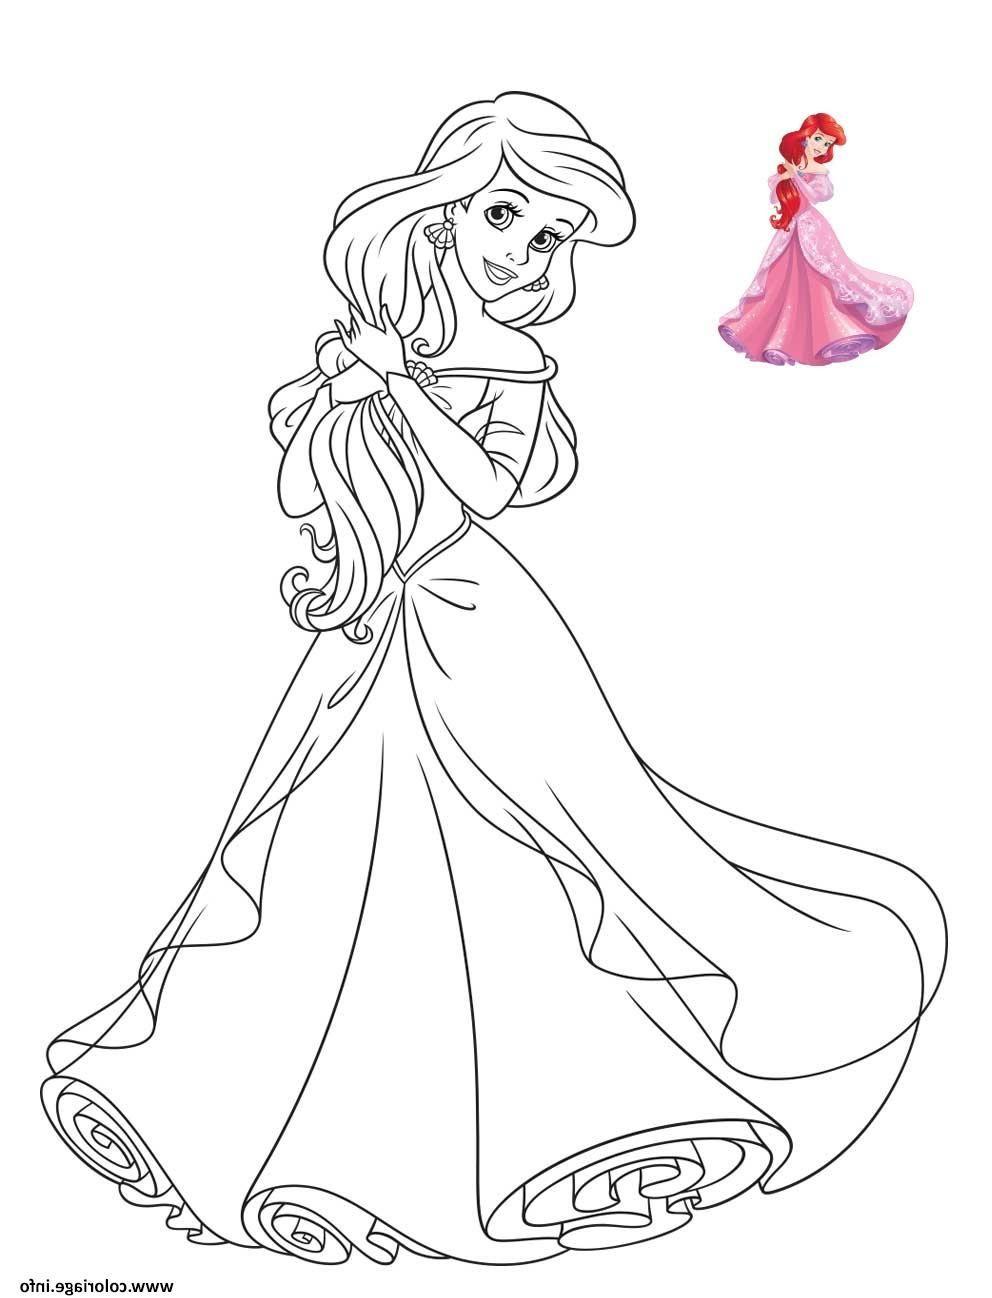 18 Beau De Coloriage Disney A Imprimer Collection  Ariel coloring